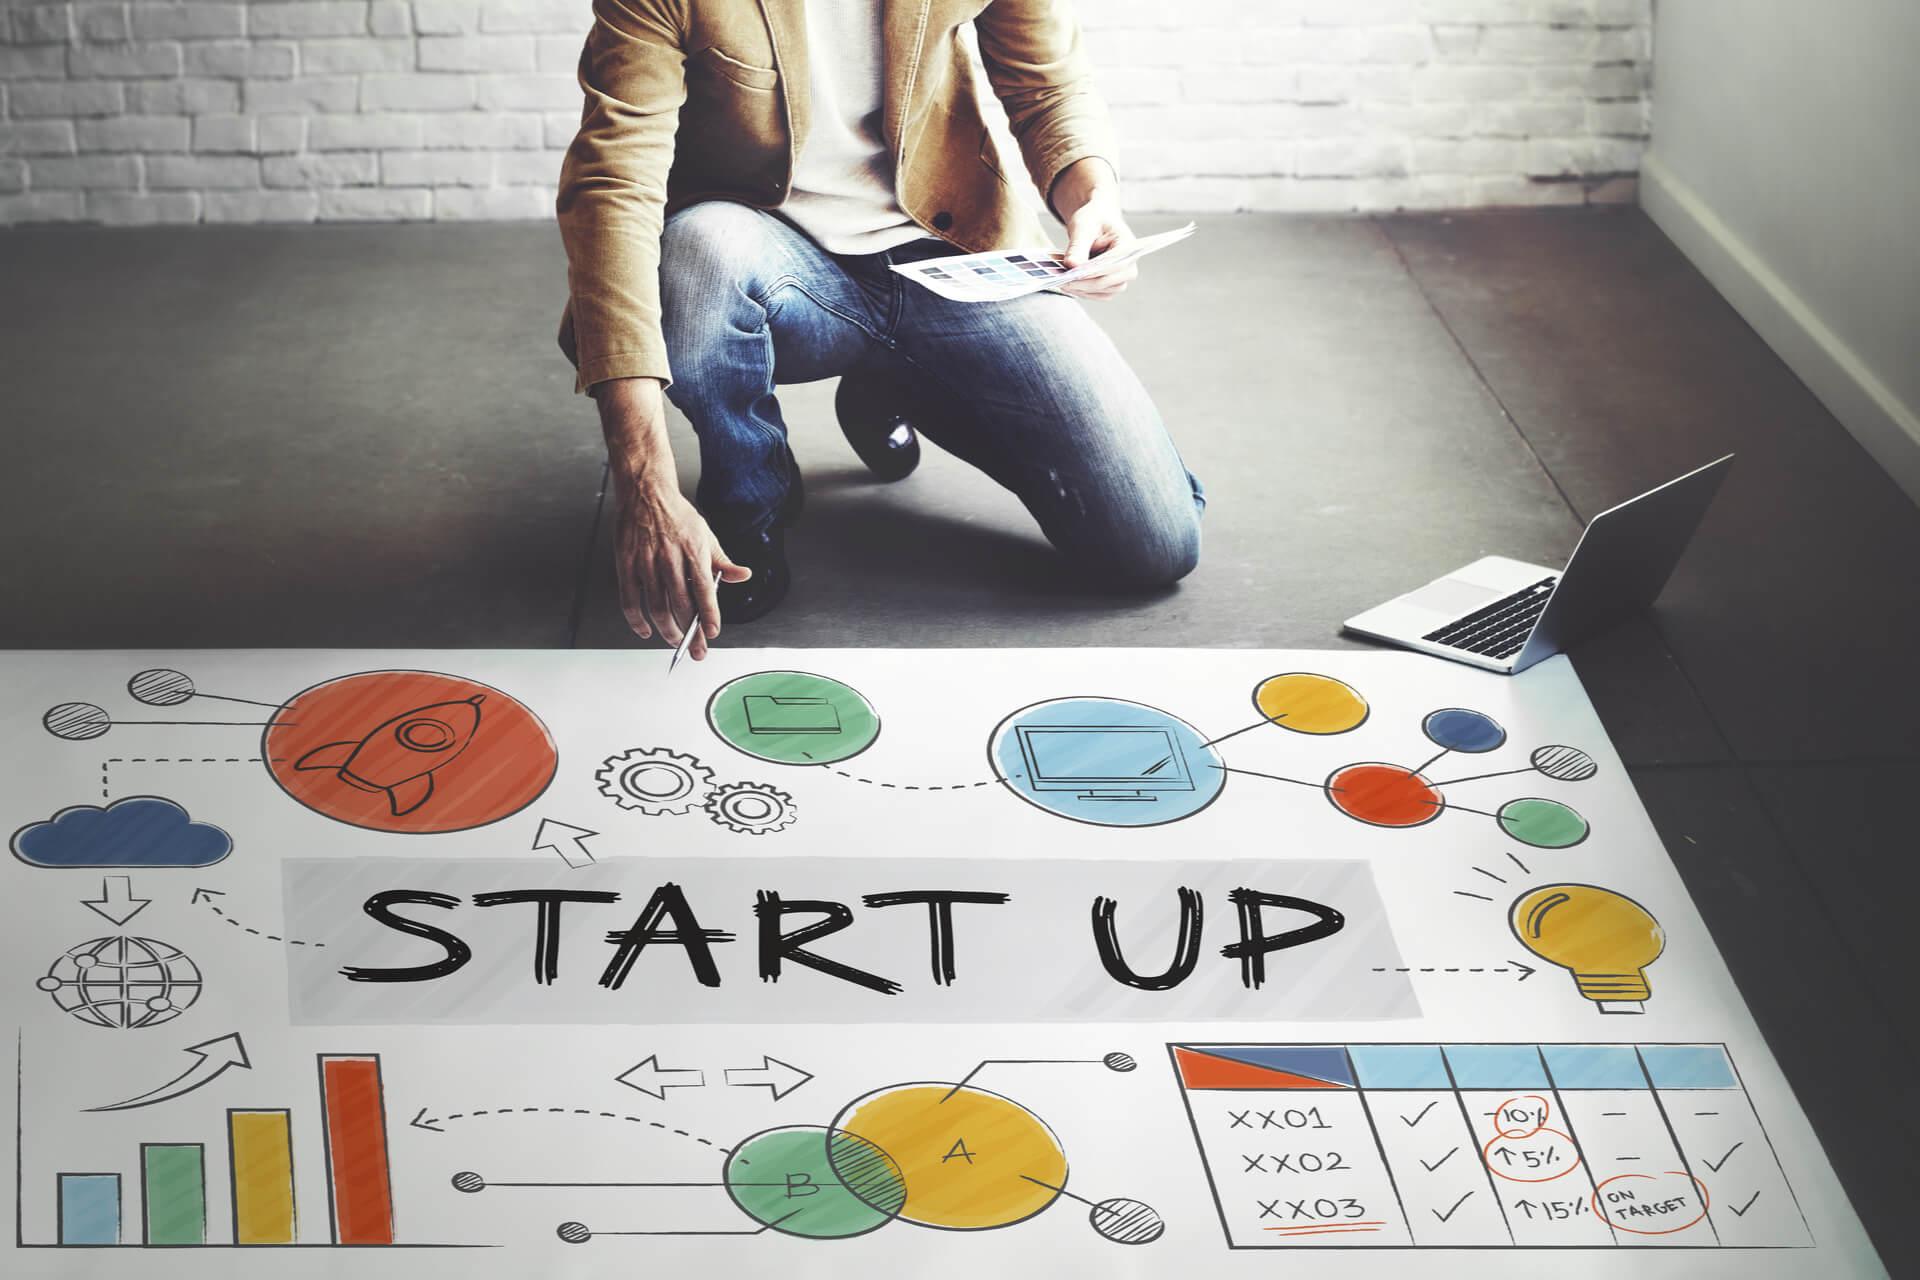 Finanziamenti chirografari per avviamento nuove attività start-up - finanziamenti start up